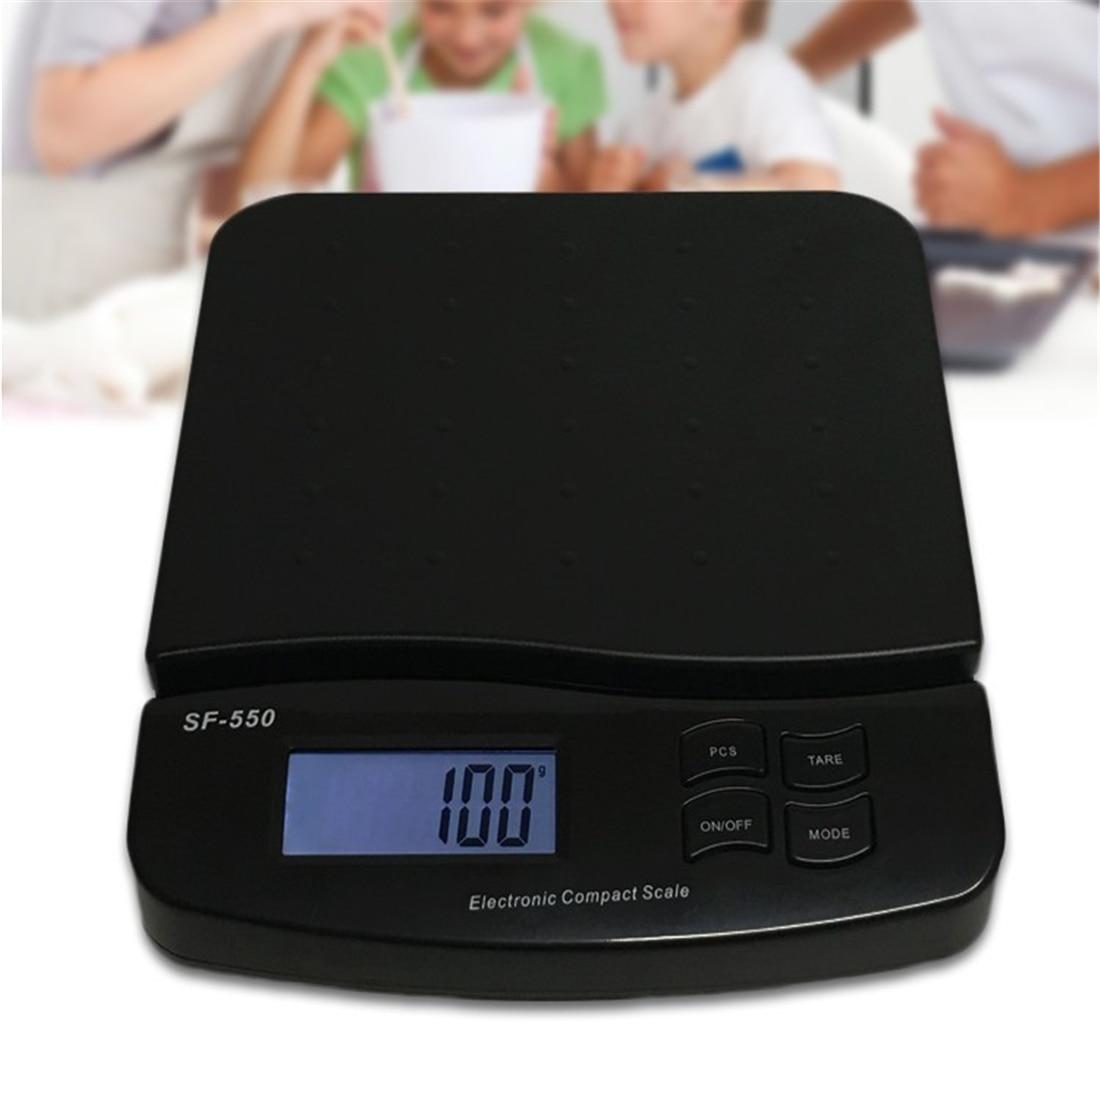 25 kg/1g alimentaire régime échelle numérique LCD rétro-éclairage électronique alimentaire régime cuisine poids Balance haute précision bijoux offre spéciale - 3